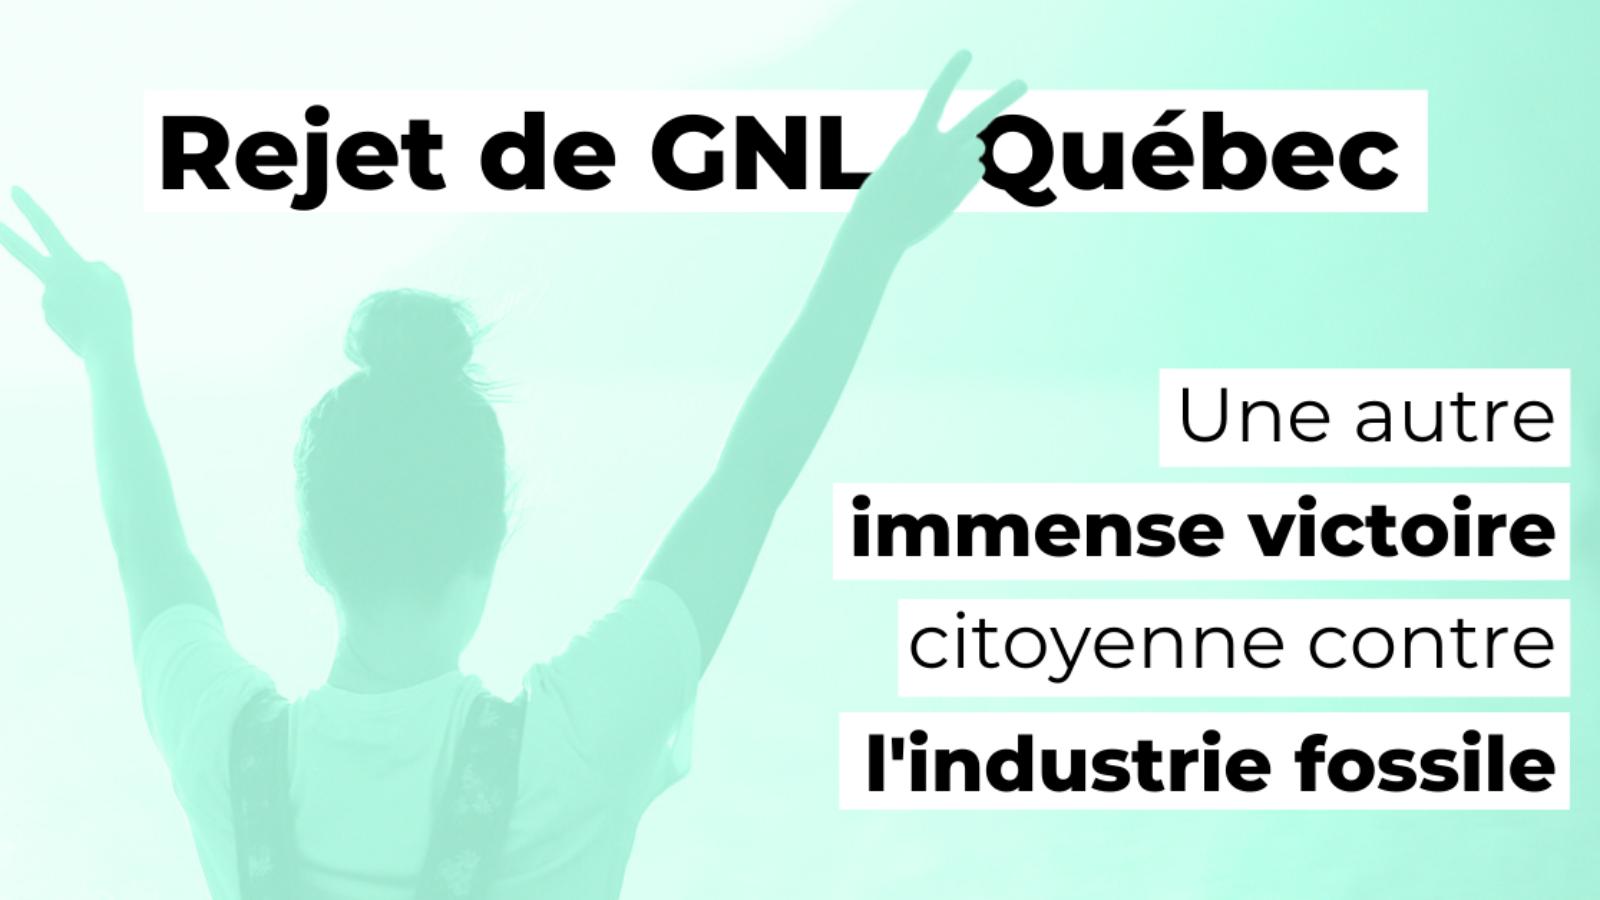 GNLQuebec_2021-07-21_social